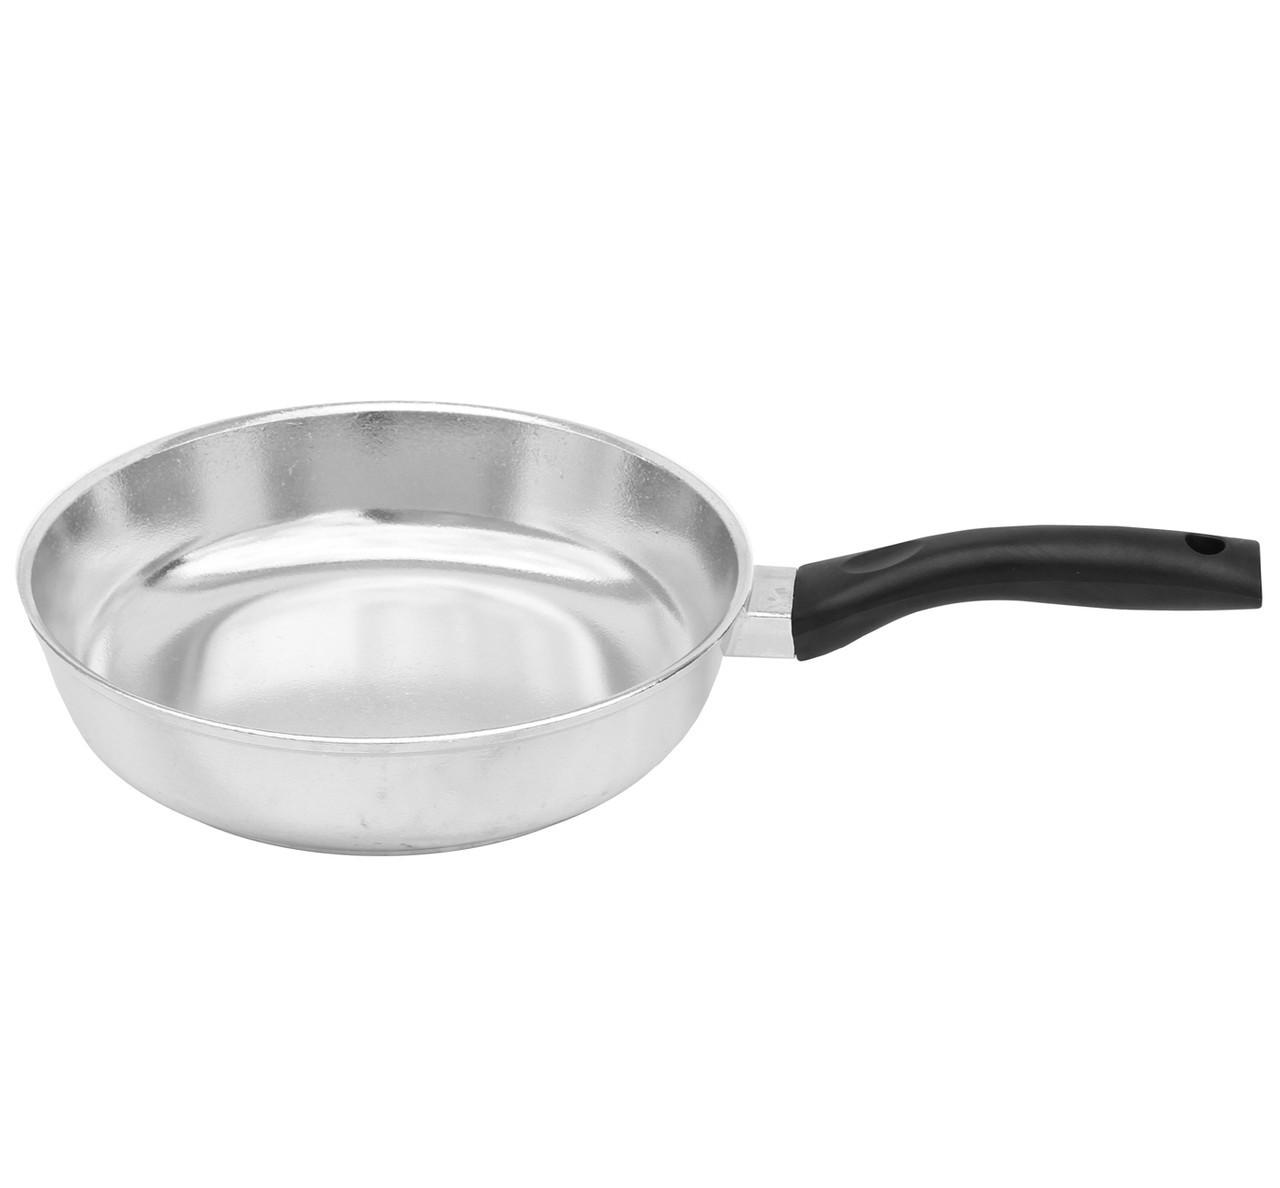 Сковорода алюминиевая блеск 22см Биол 2207БК